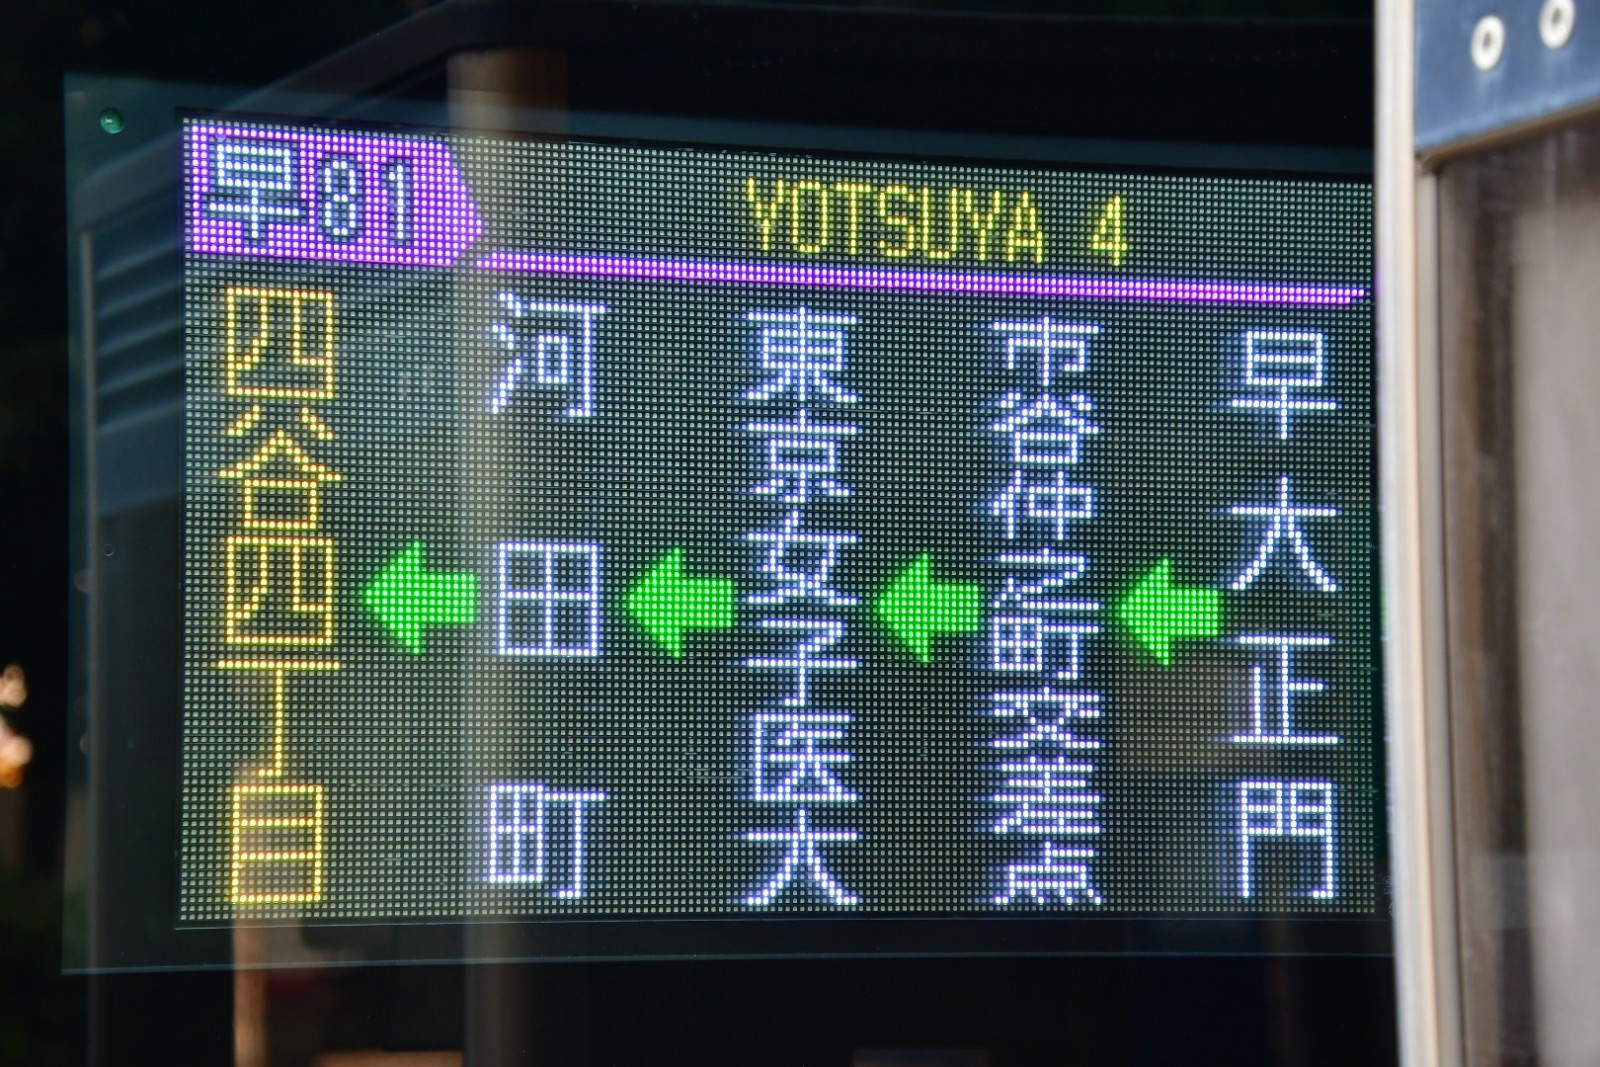 東京2020大会実施時の追加規制について